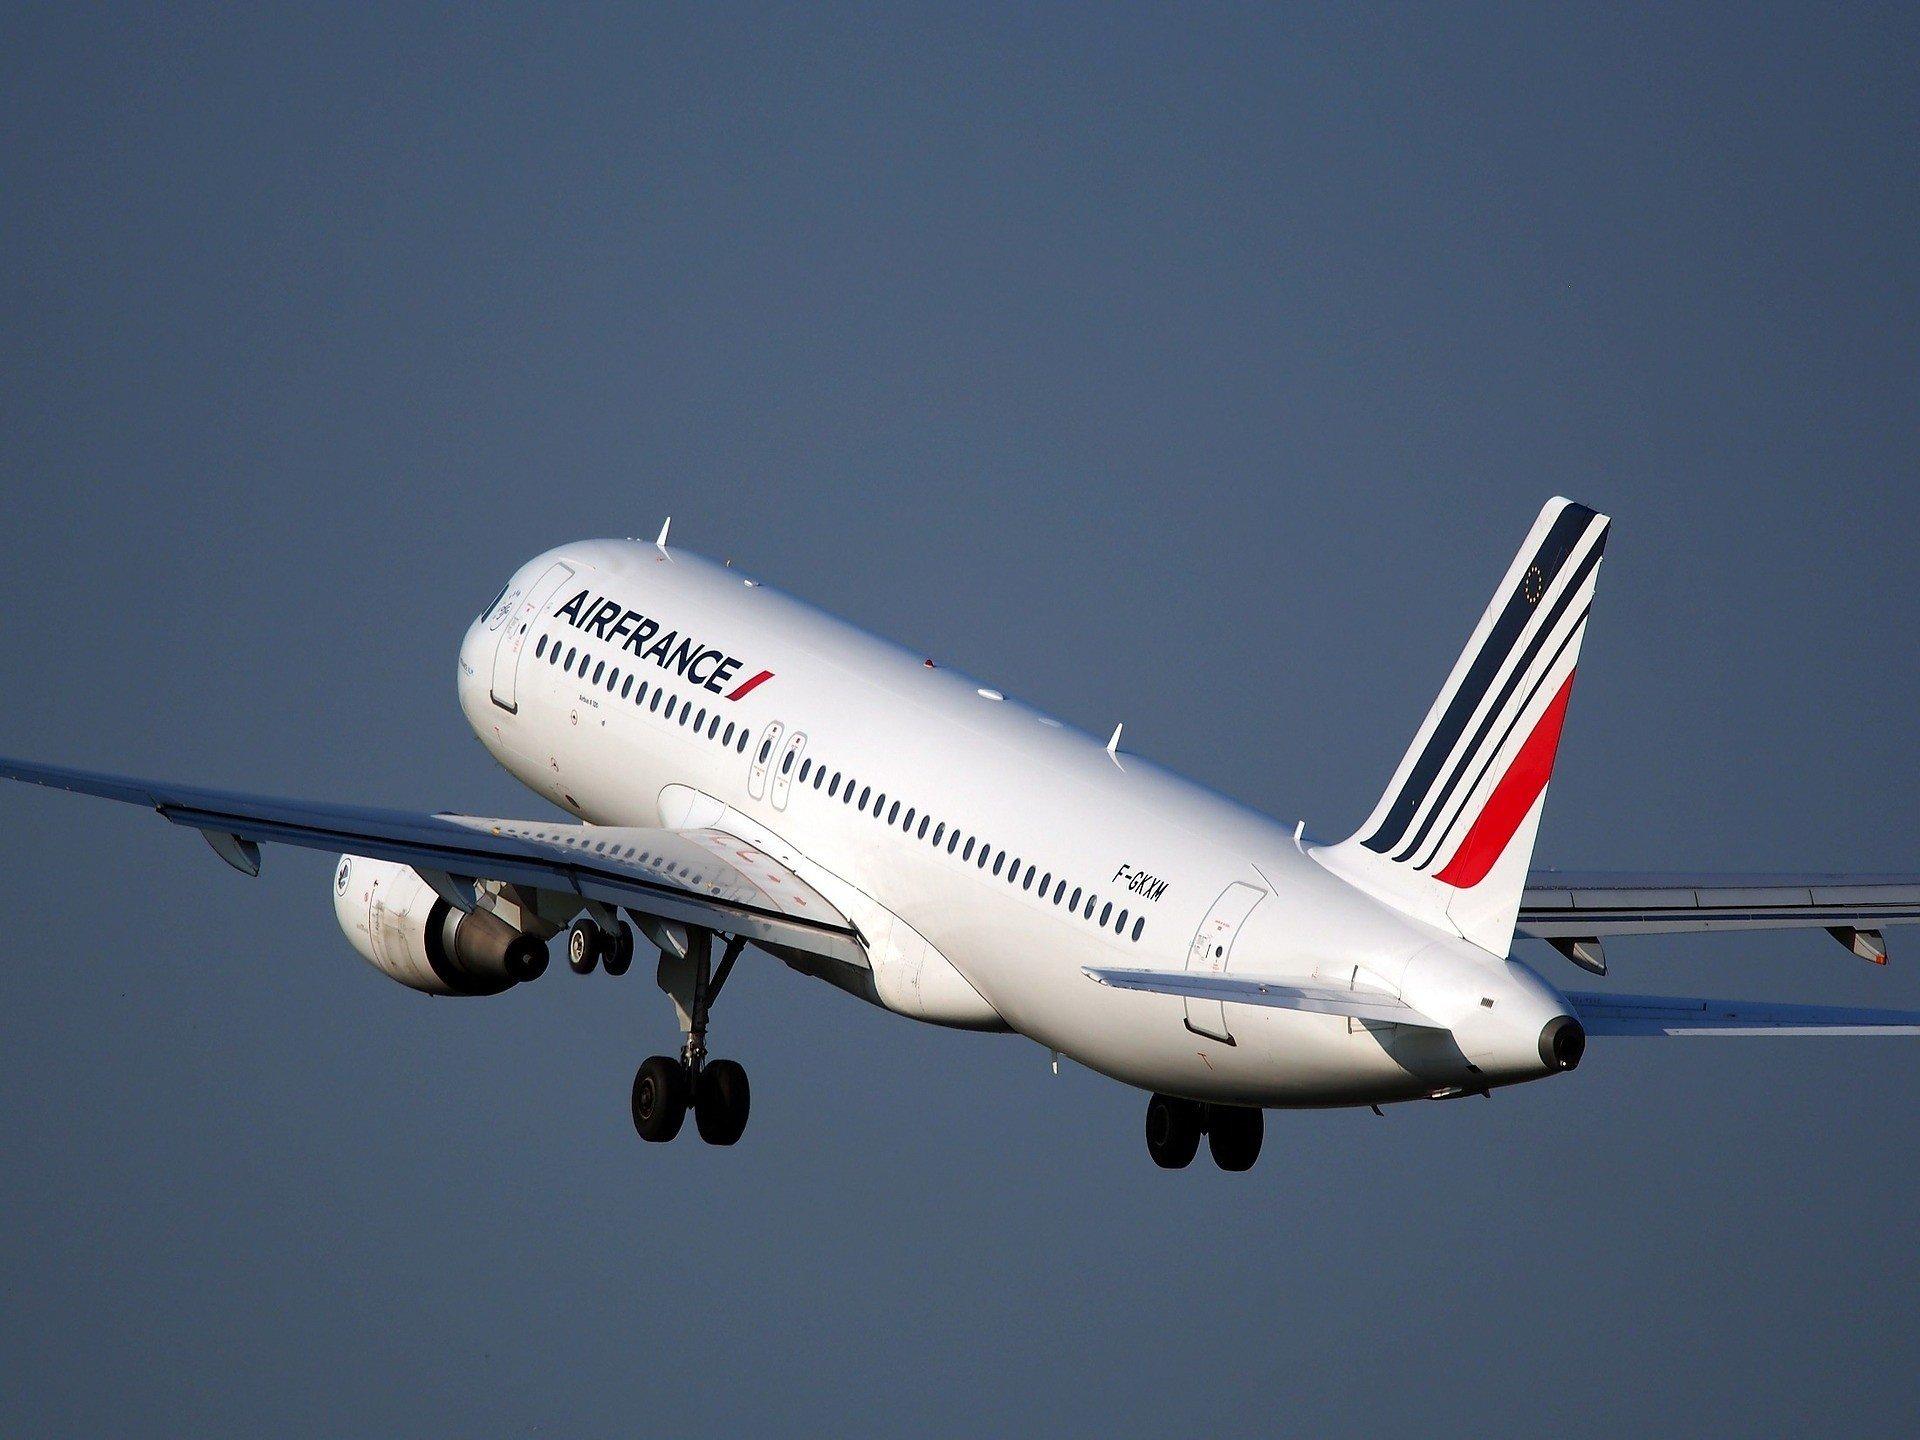 Деталь самолета может сэкономить $7 млн